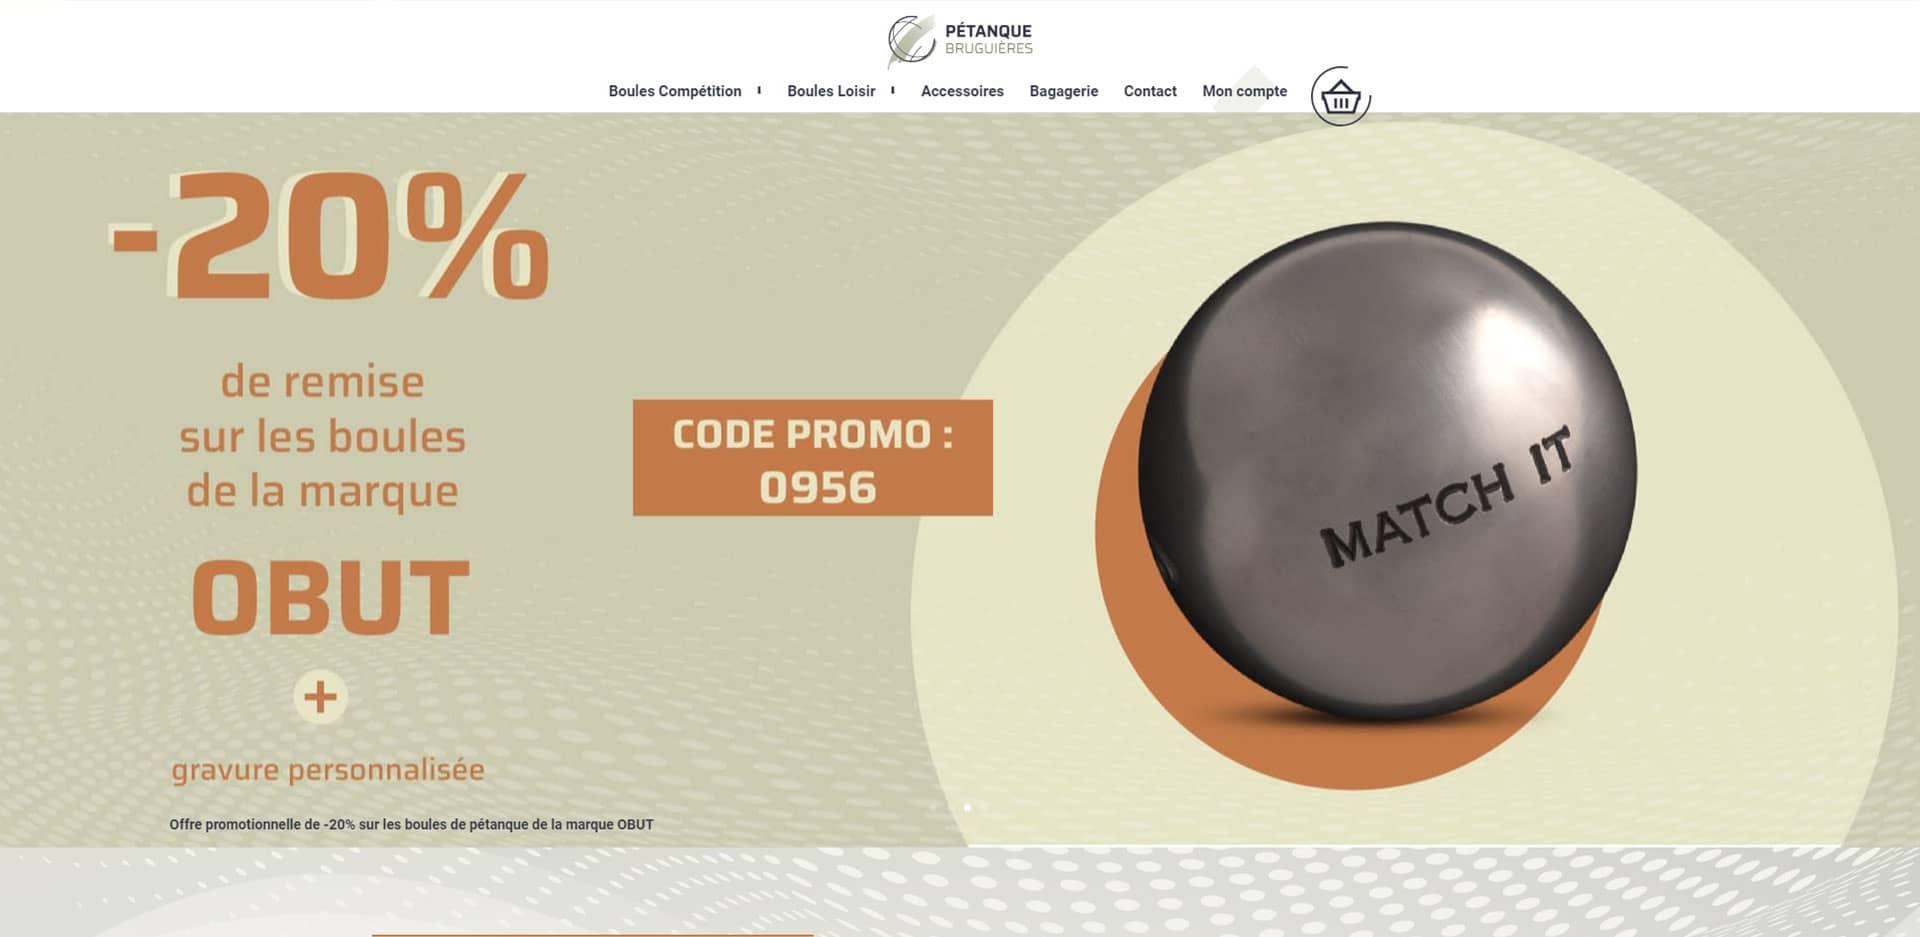 page d'accueil du site boutique pétanque bruguières